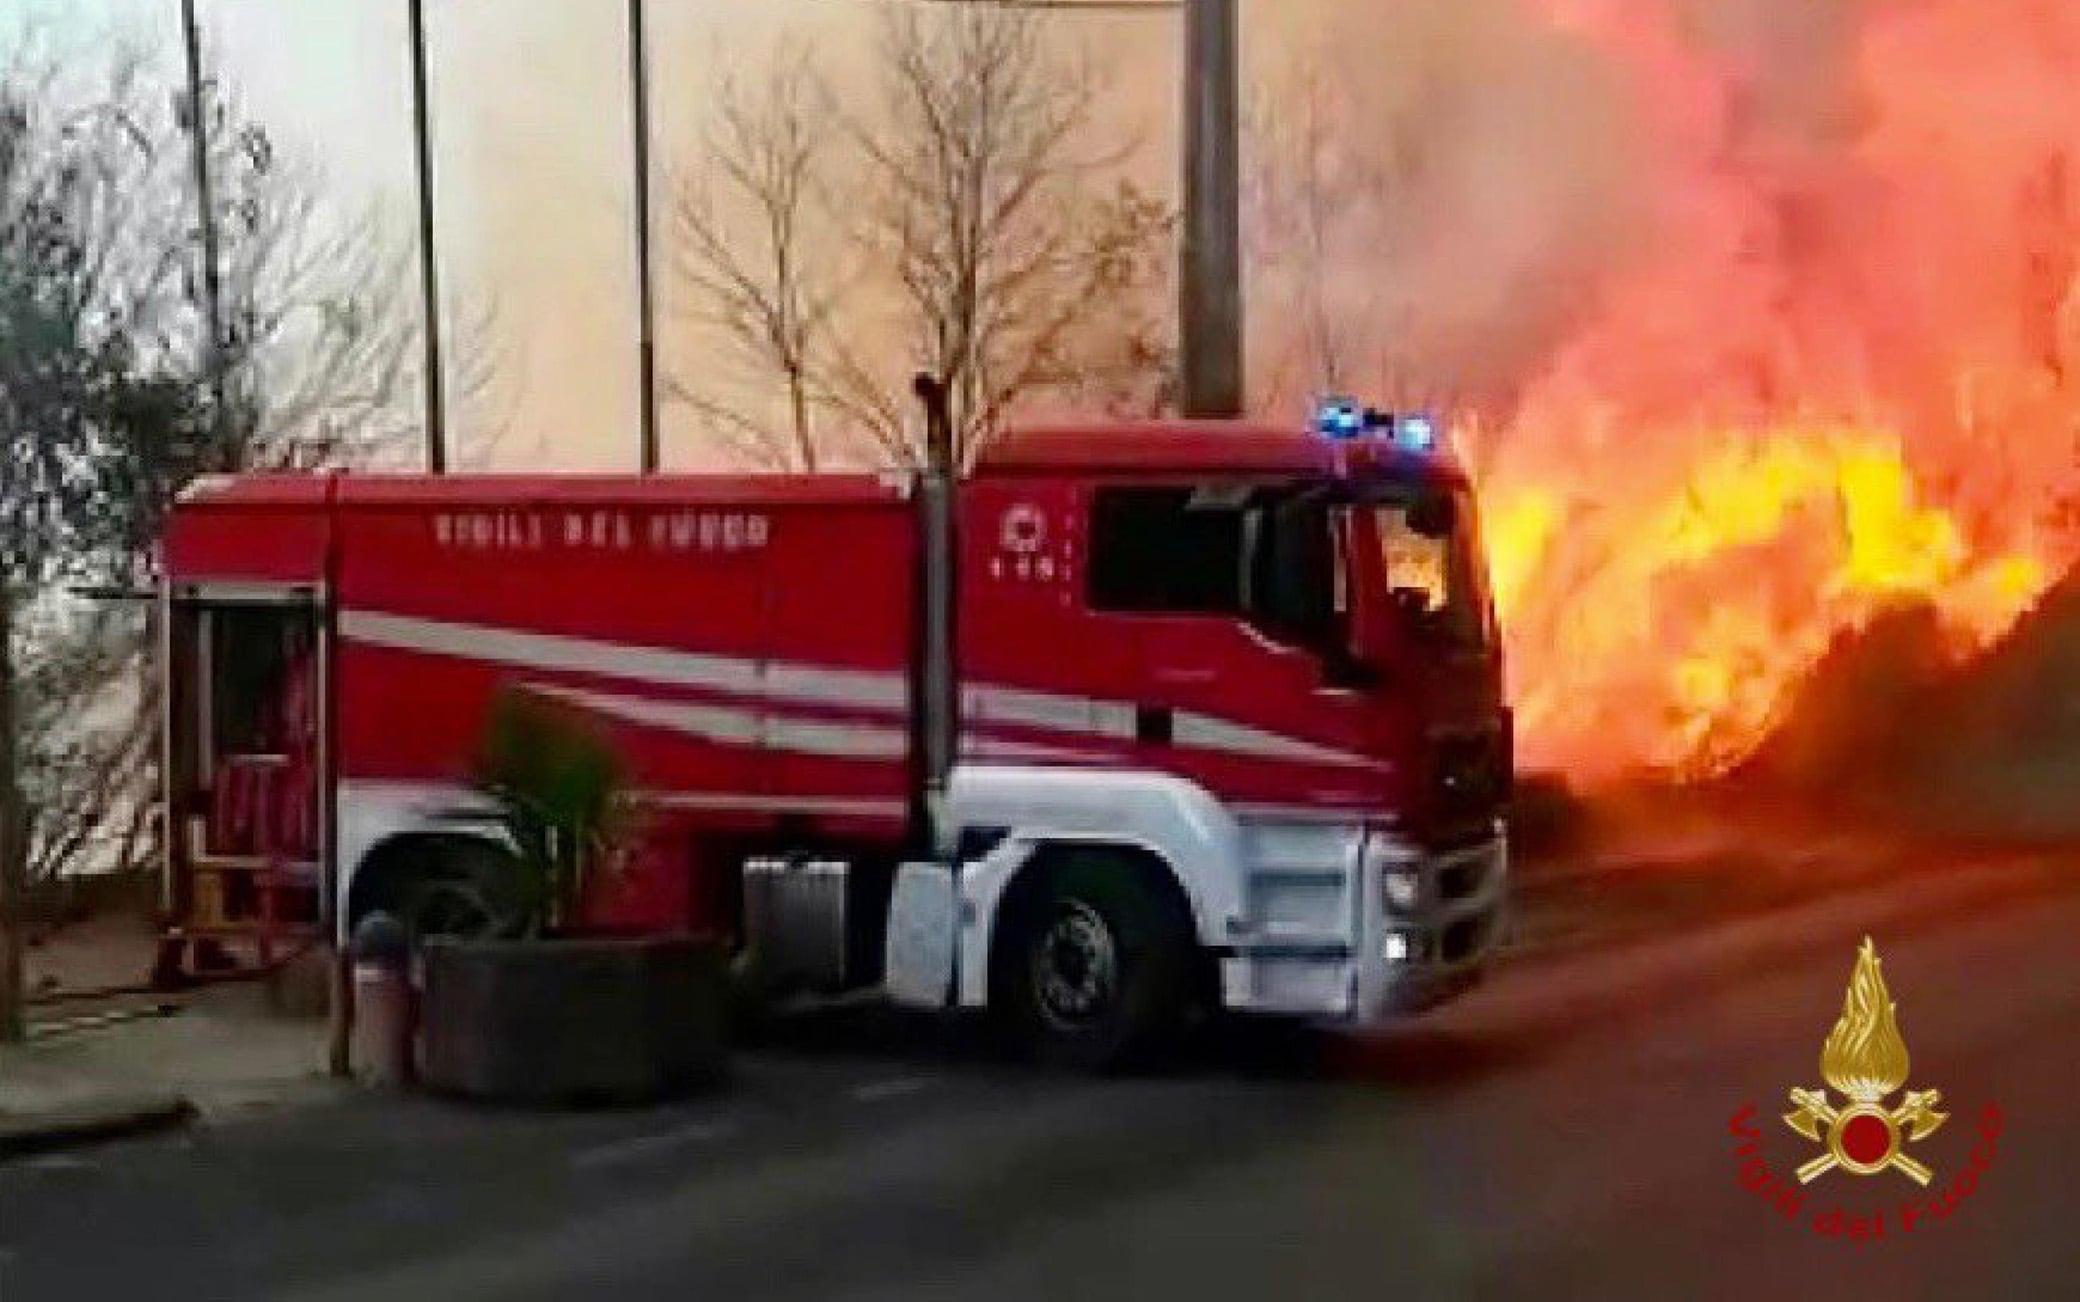 Catania brucia per il caldo e il soffocante vento africano e per le fiamme che alimentano diversi incendi. La zona maggiormente colpita è quella nel rione Fossa Creta dove diverse famiglie sono state costrette a lasciare le loro case. Nella zona si alza un'intesa nube di fumo. Chiuso al traffico l'asse dei servizi e bloccato l'accesso anche ad alcune strade.VIGILI DEL FUOCO +++ ATTENZIONE LA FOTO NON PUO' ESSERE PUBBLICATA O RIPRODOTTA SENZA L'AUTORIZZAZIONE DELLA FONTE DI ORIGINE CUI SI RINVIA +++ ++ HO - NO SALES, EDITORIAL USE ONLY ++